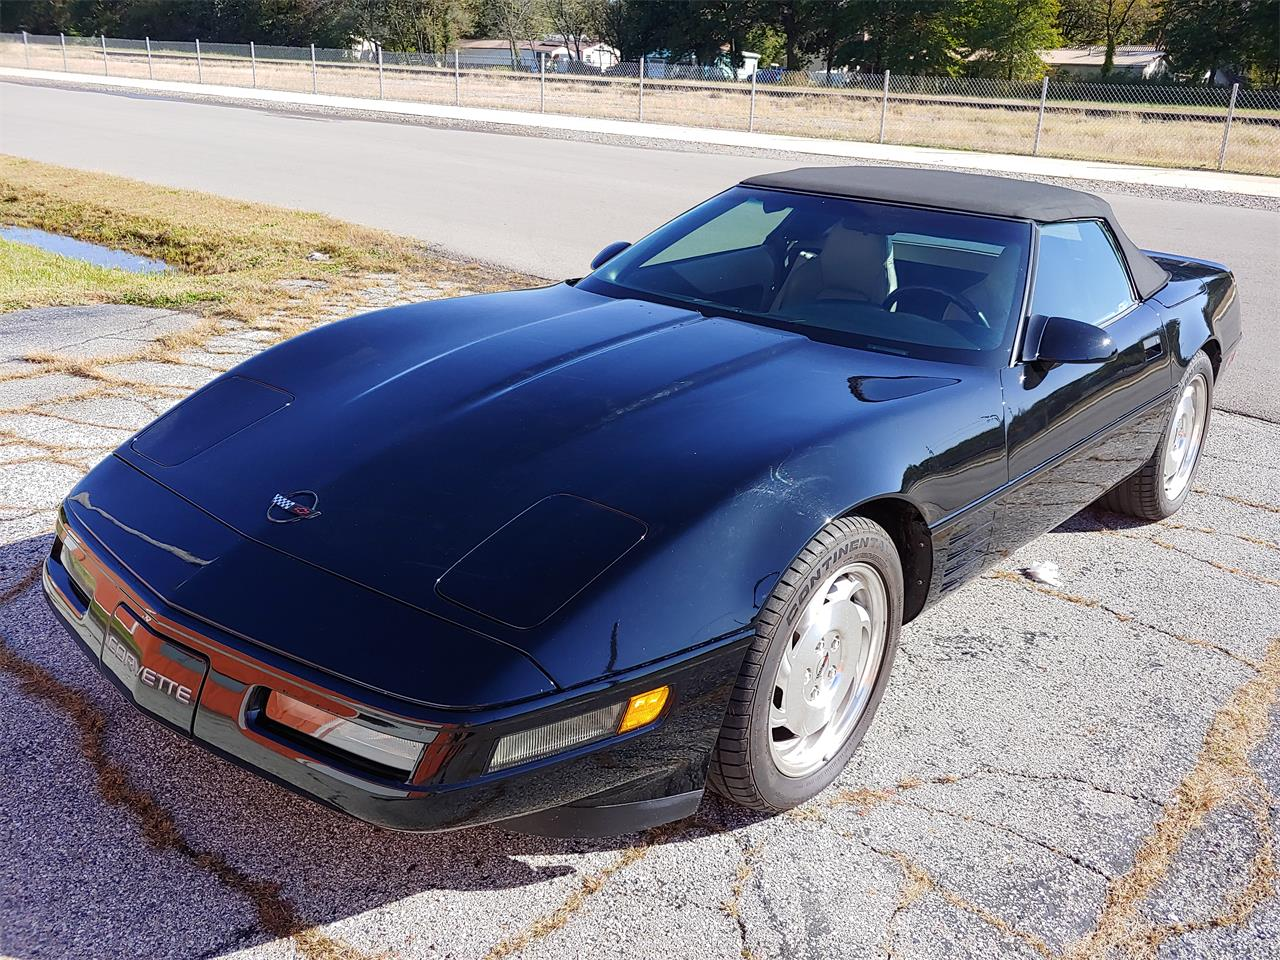 1994 Chevrolet Corvette C4 (CC-1275200) for sale in Pittsburg, Kansas